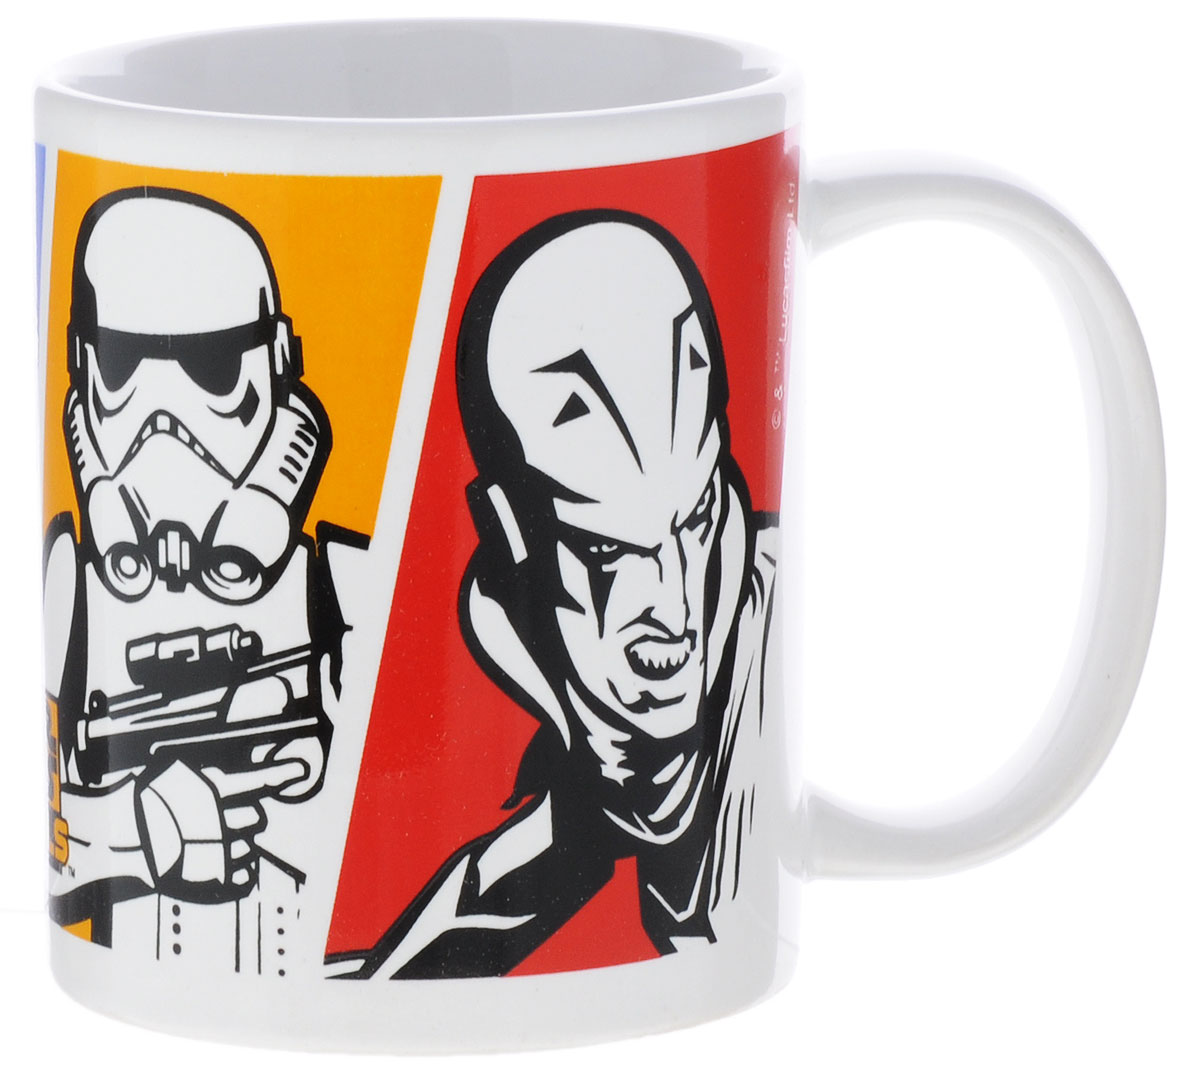 """Детская кружка Stor """"Звездные войны: Повстанцы"""" из серии Stor Star Wars с любимыми героями станет отличным подарком для вашего ребенка. Она выполнена из керамики и оформлена изображением персонажей мультсериала """"Star Wars Rebels"""". Кружка дополнена удобной ручкой. Такой подарок станет не только приятным, но и практичным сувениром: кружка будет незаменимым атрибутом чаепития, а оригинальное оформление кружки добавит ярких эмоций и хорошего настроения.Можно использовать в СВЧ-печи и посудомоечной машине."""